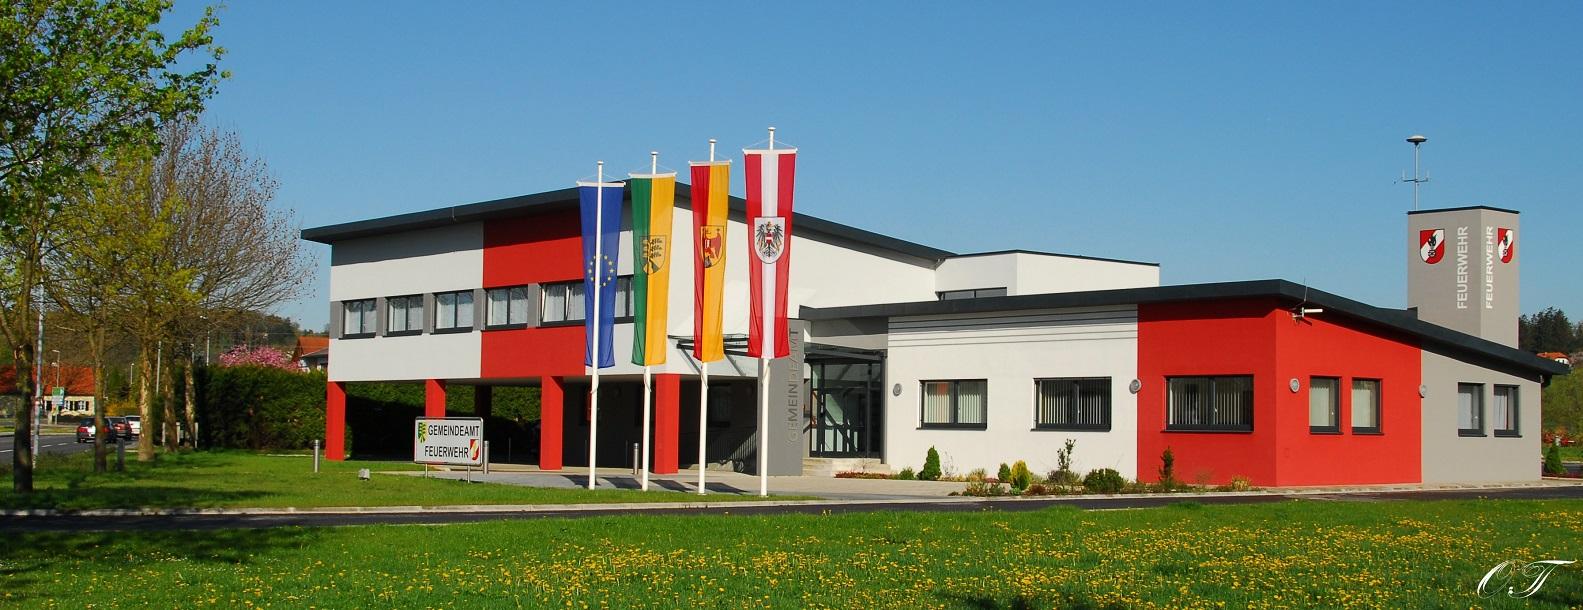 Gemeindeamt Ollersdorf